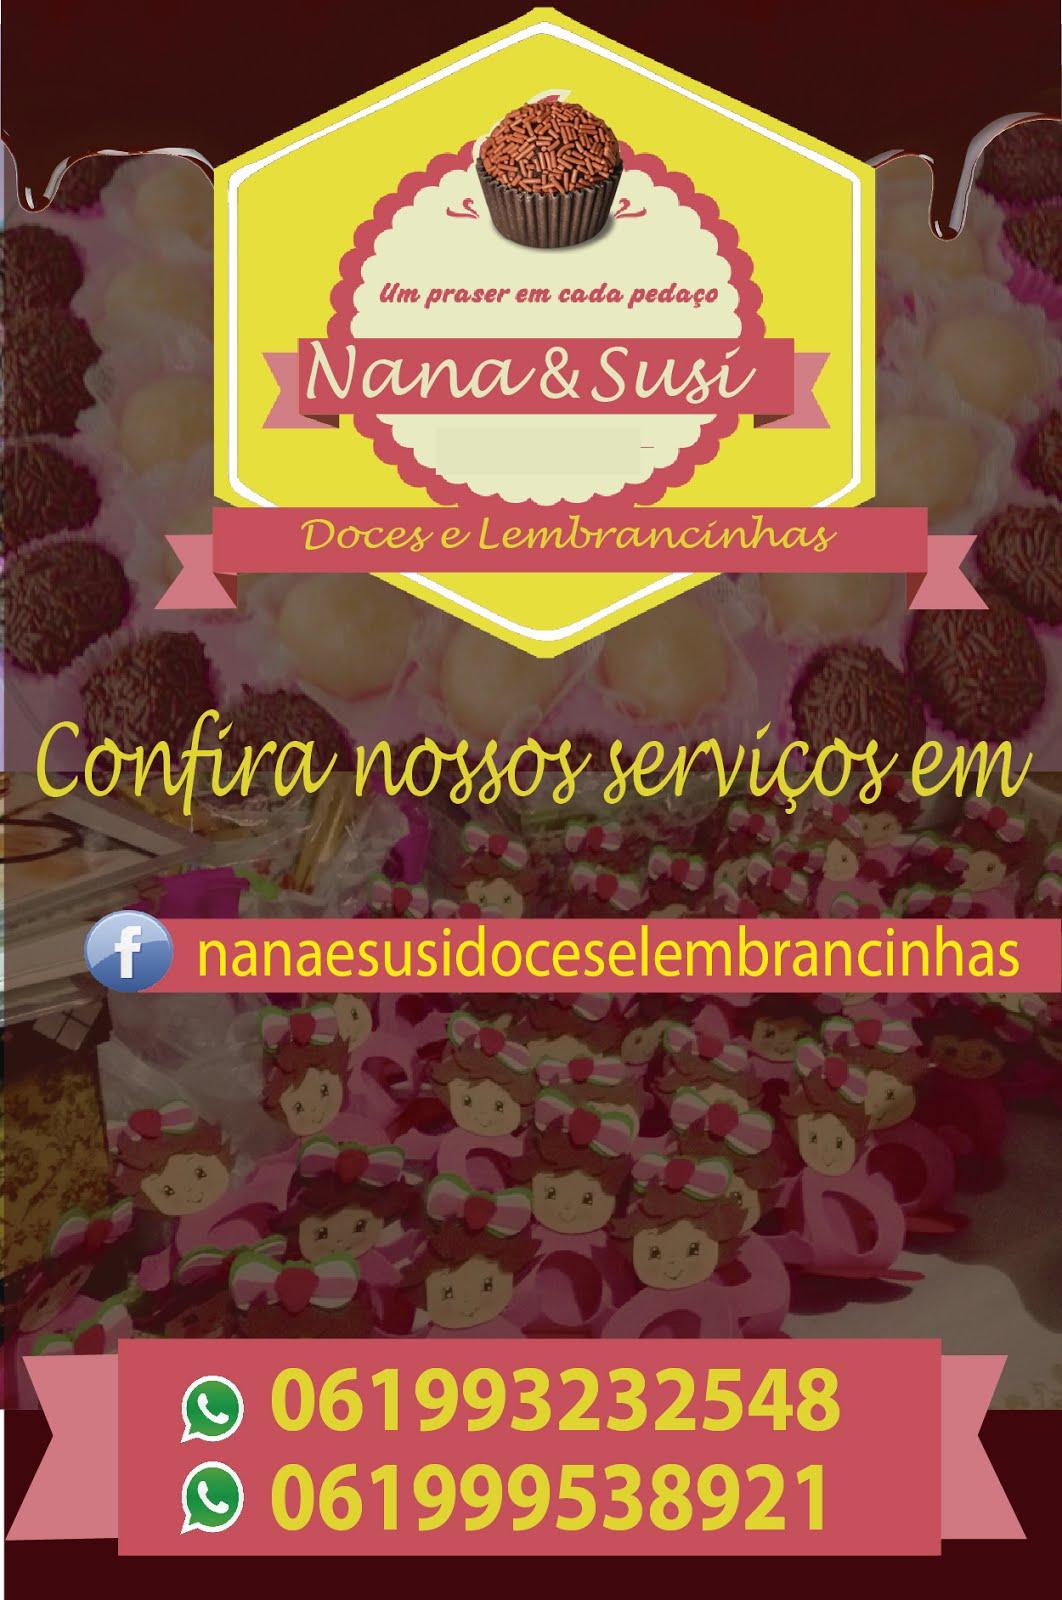 NANA E SUSI DOCES E LEMBRANCINHAS